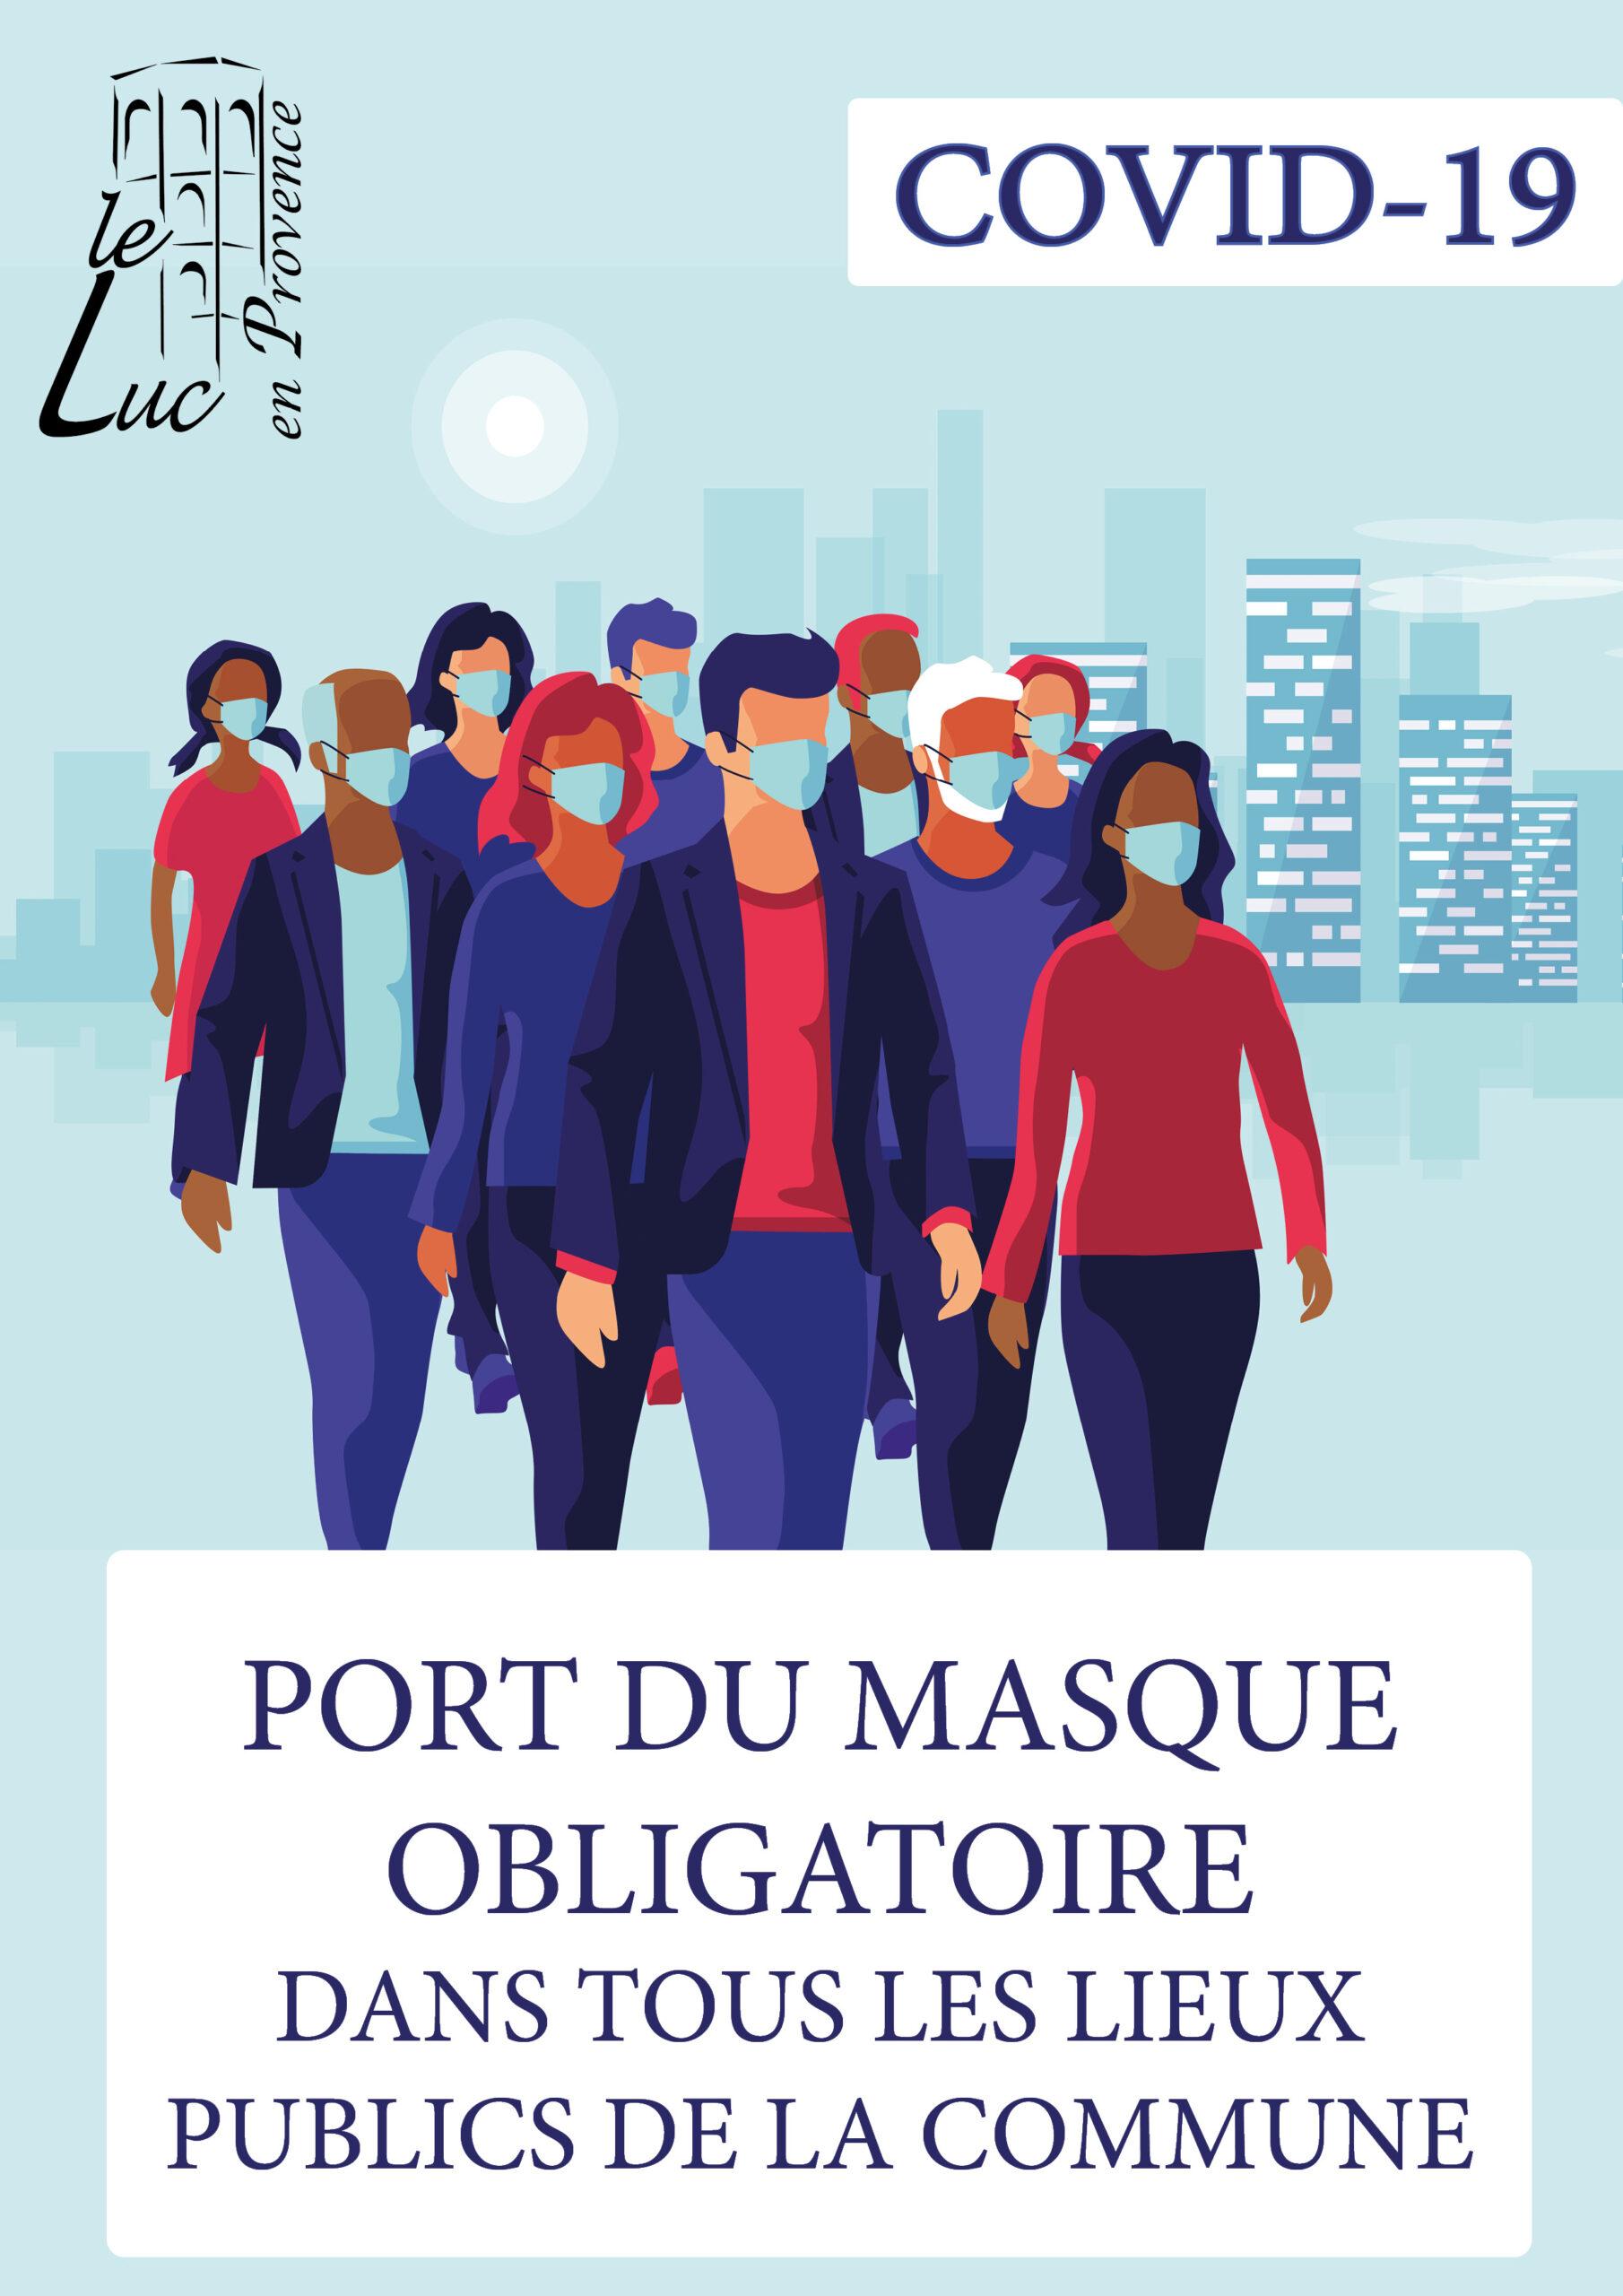 Port du masque obligatoire sur la commune